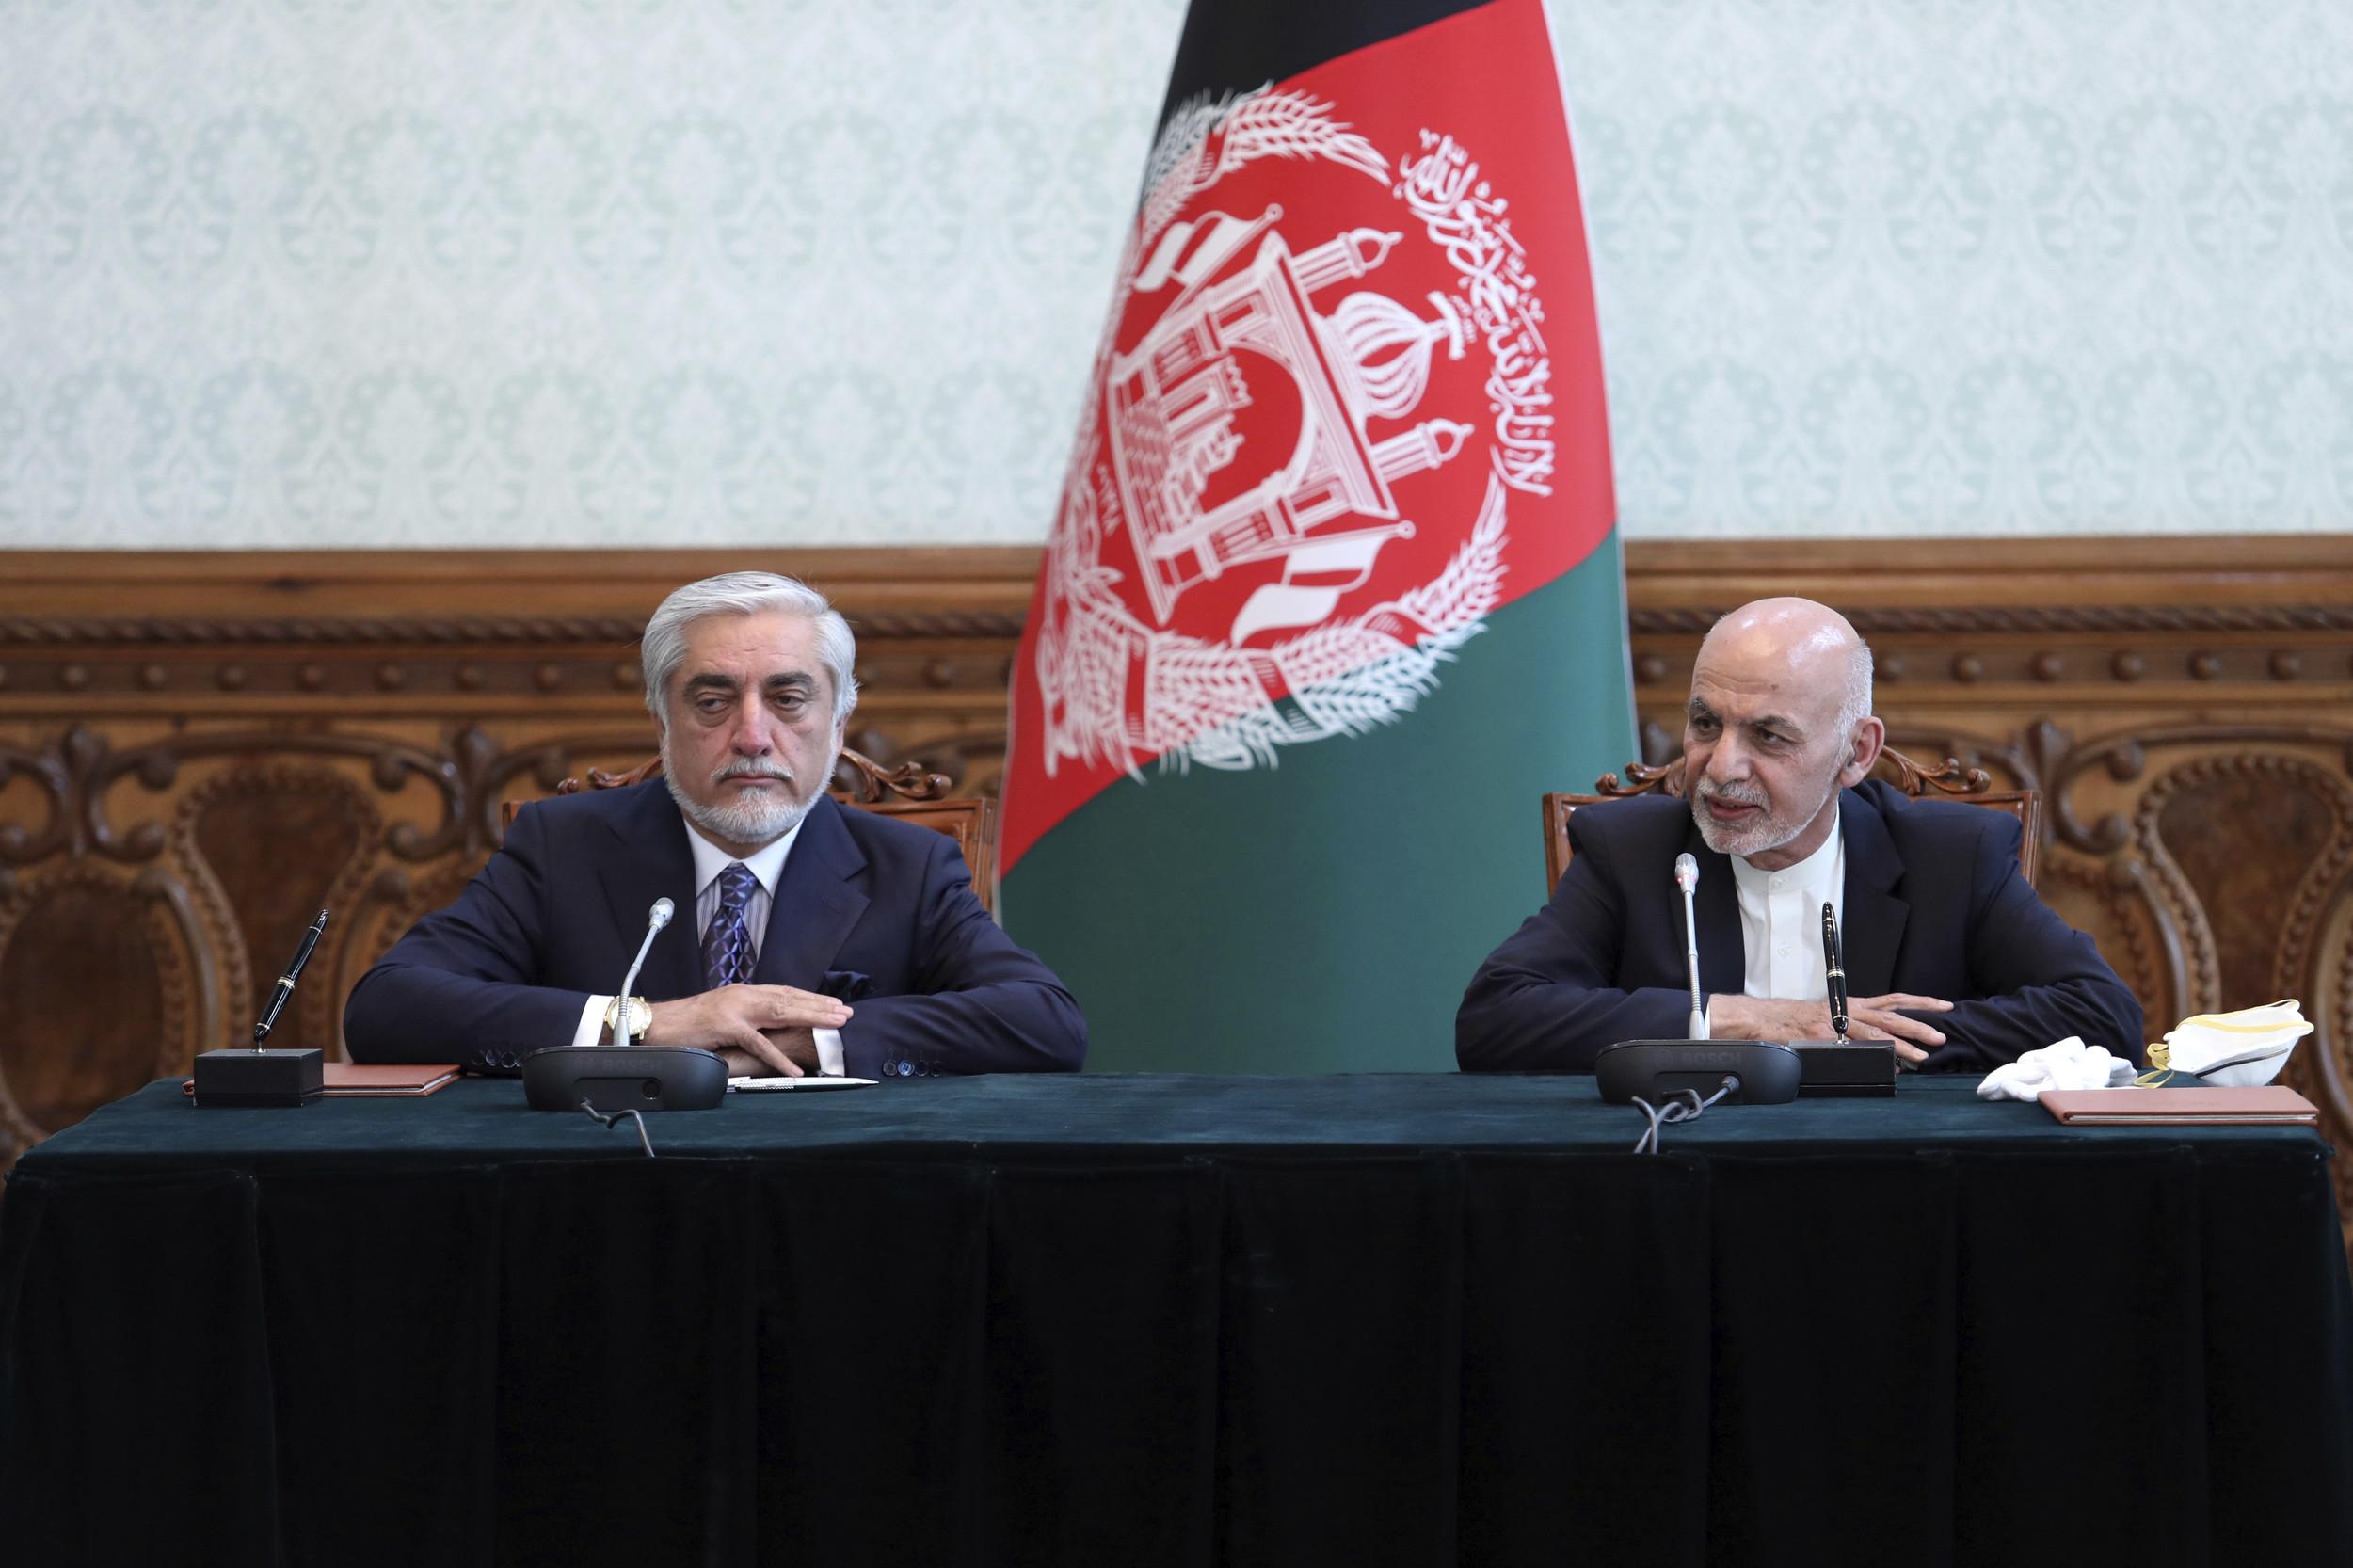 Taliban suicide bomber kills 9 troops in eastern Afghanistan